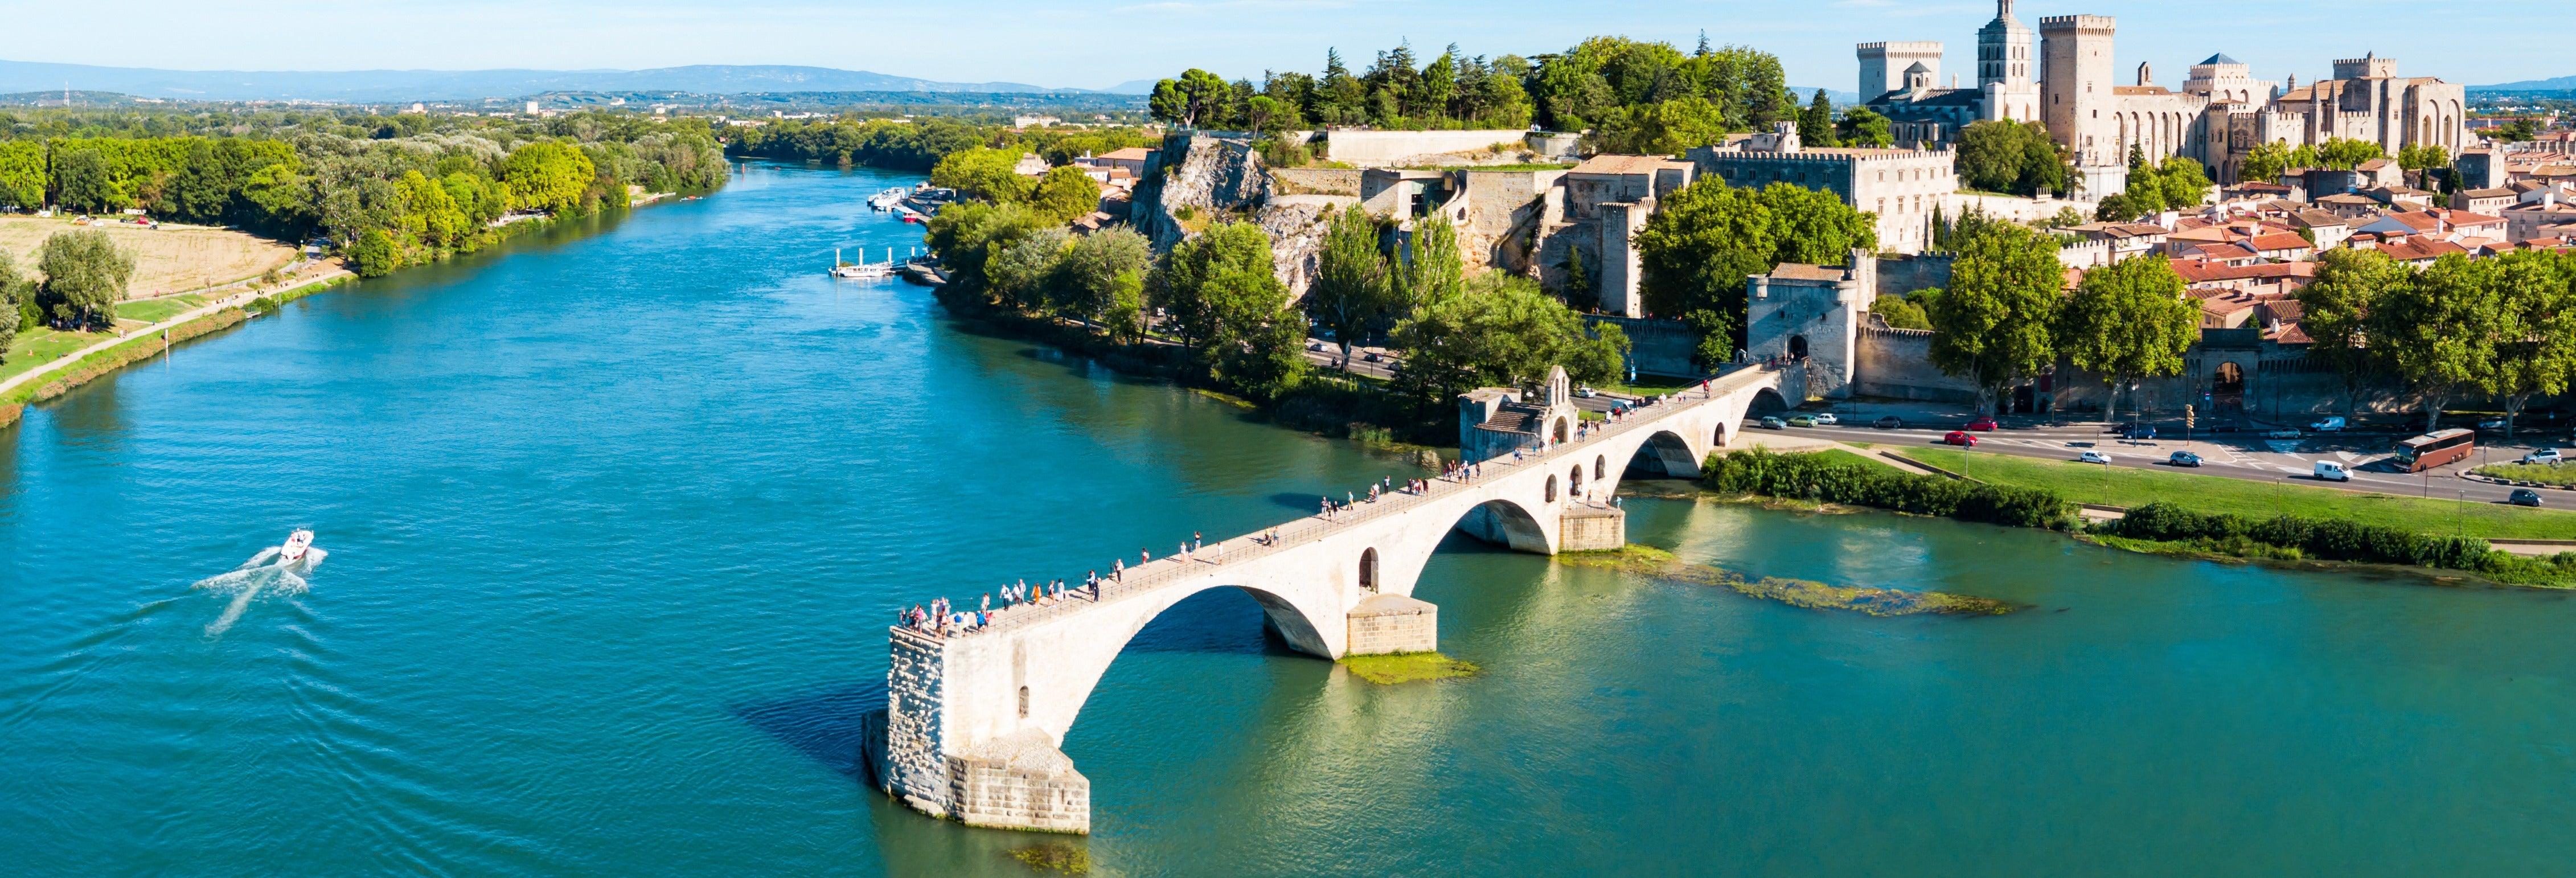 Pont du Gard, Les Baux, Aviñón y Châteauneuf du Pape